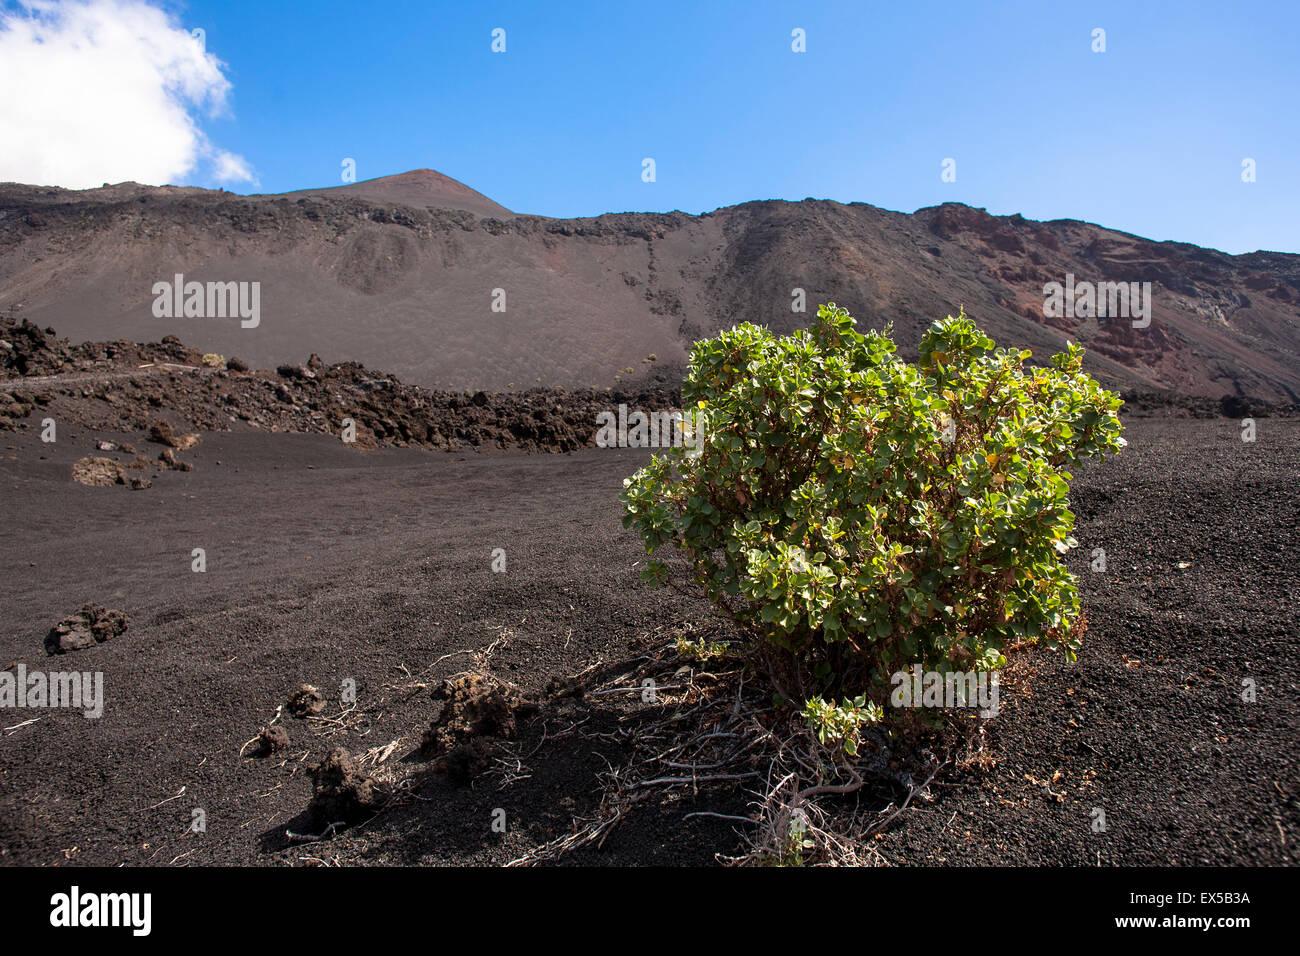 ESP, Spanien, die Kanaren Insel La Palma, Bereich der Lava des Vulkans San Antonio in der Nähe von Fuencaliente. Stockbild